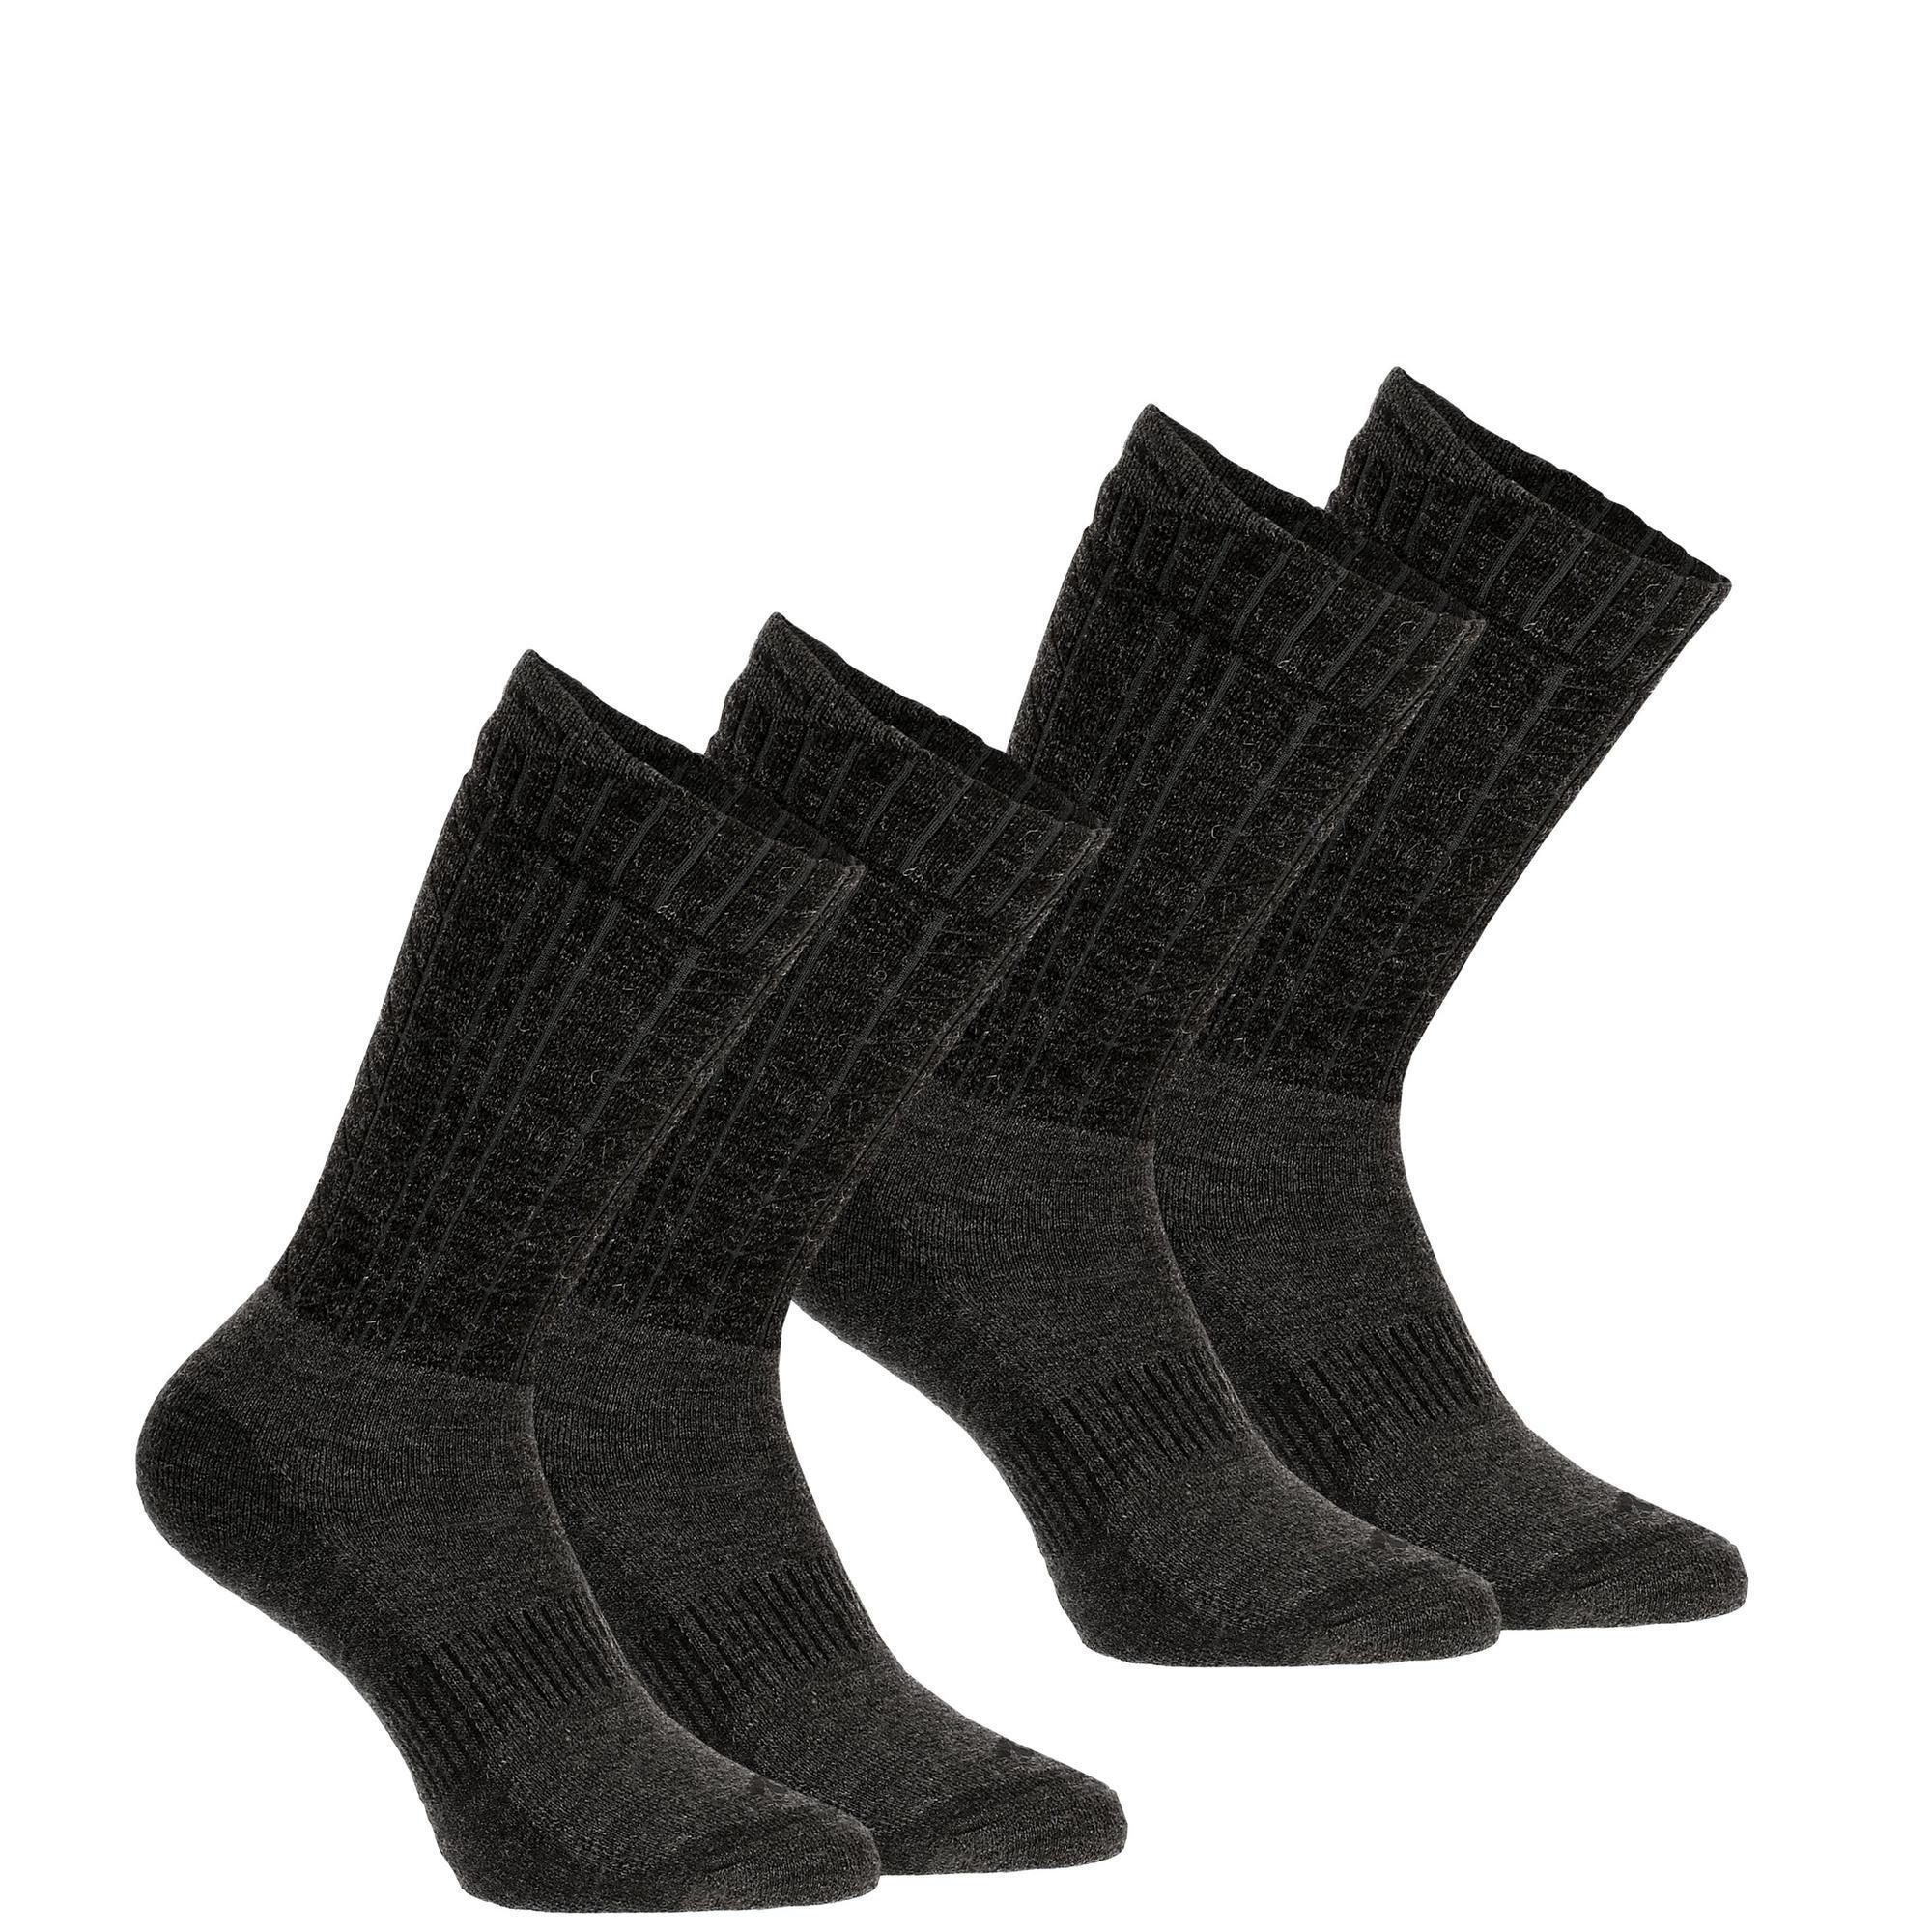 Wandersocken Winterwandern SH500 Ultra-Warm halbhoch Erwachsene schwarz | Sportbekleidung > Funktionswäsche > Wandersocken | Grau | Quechua